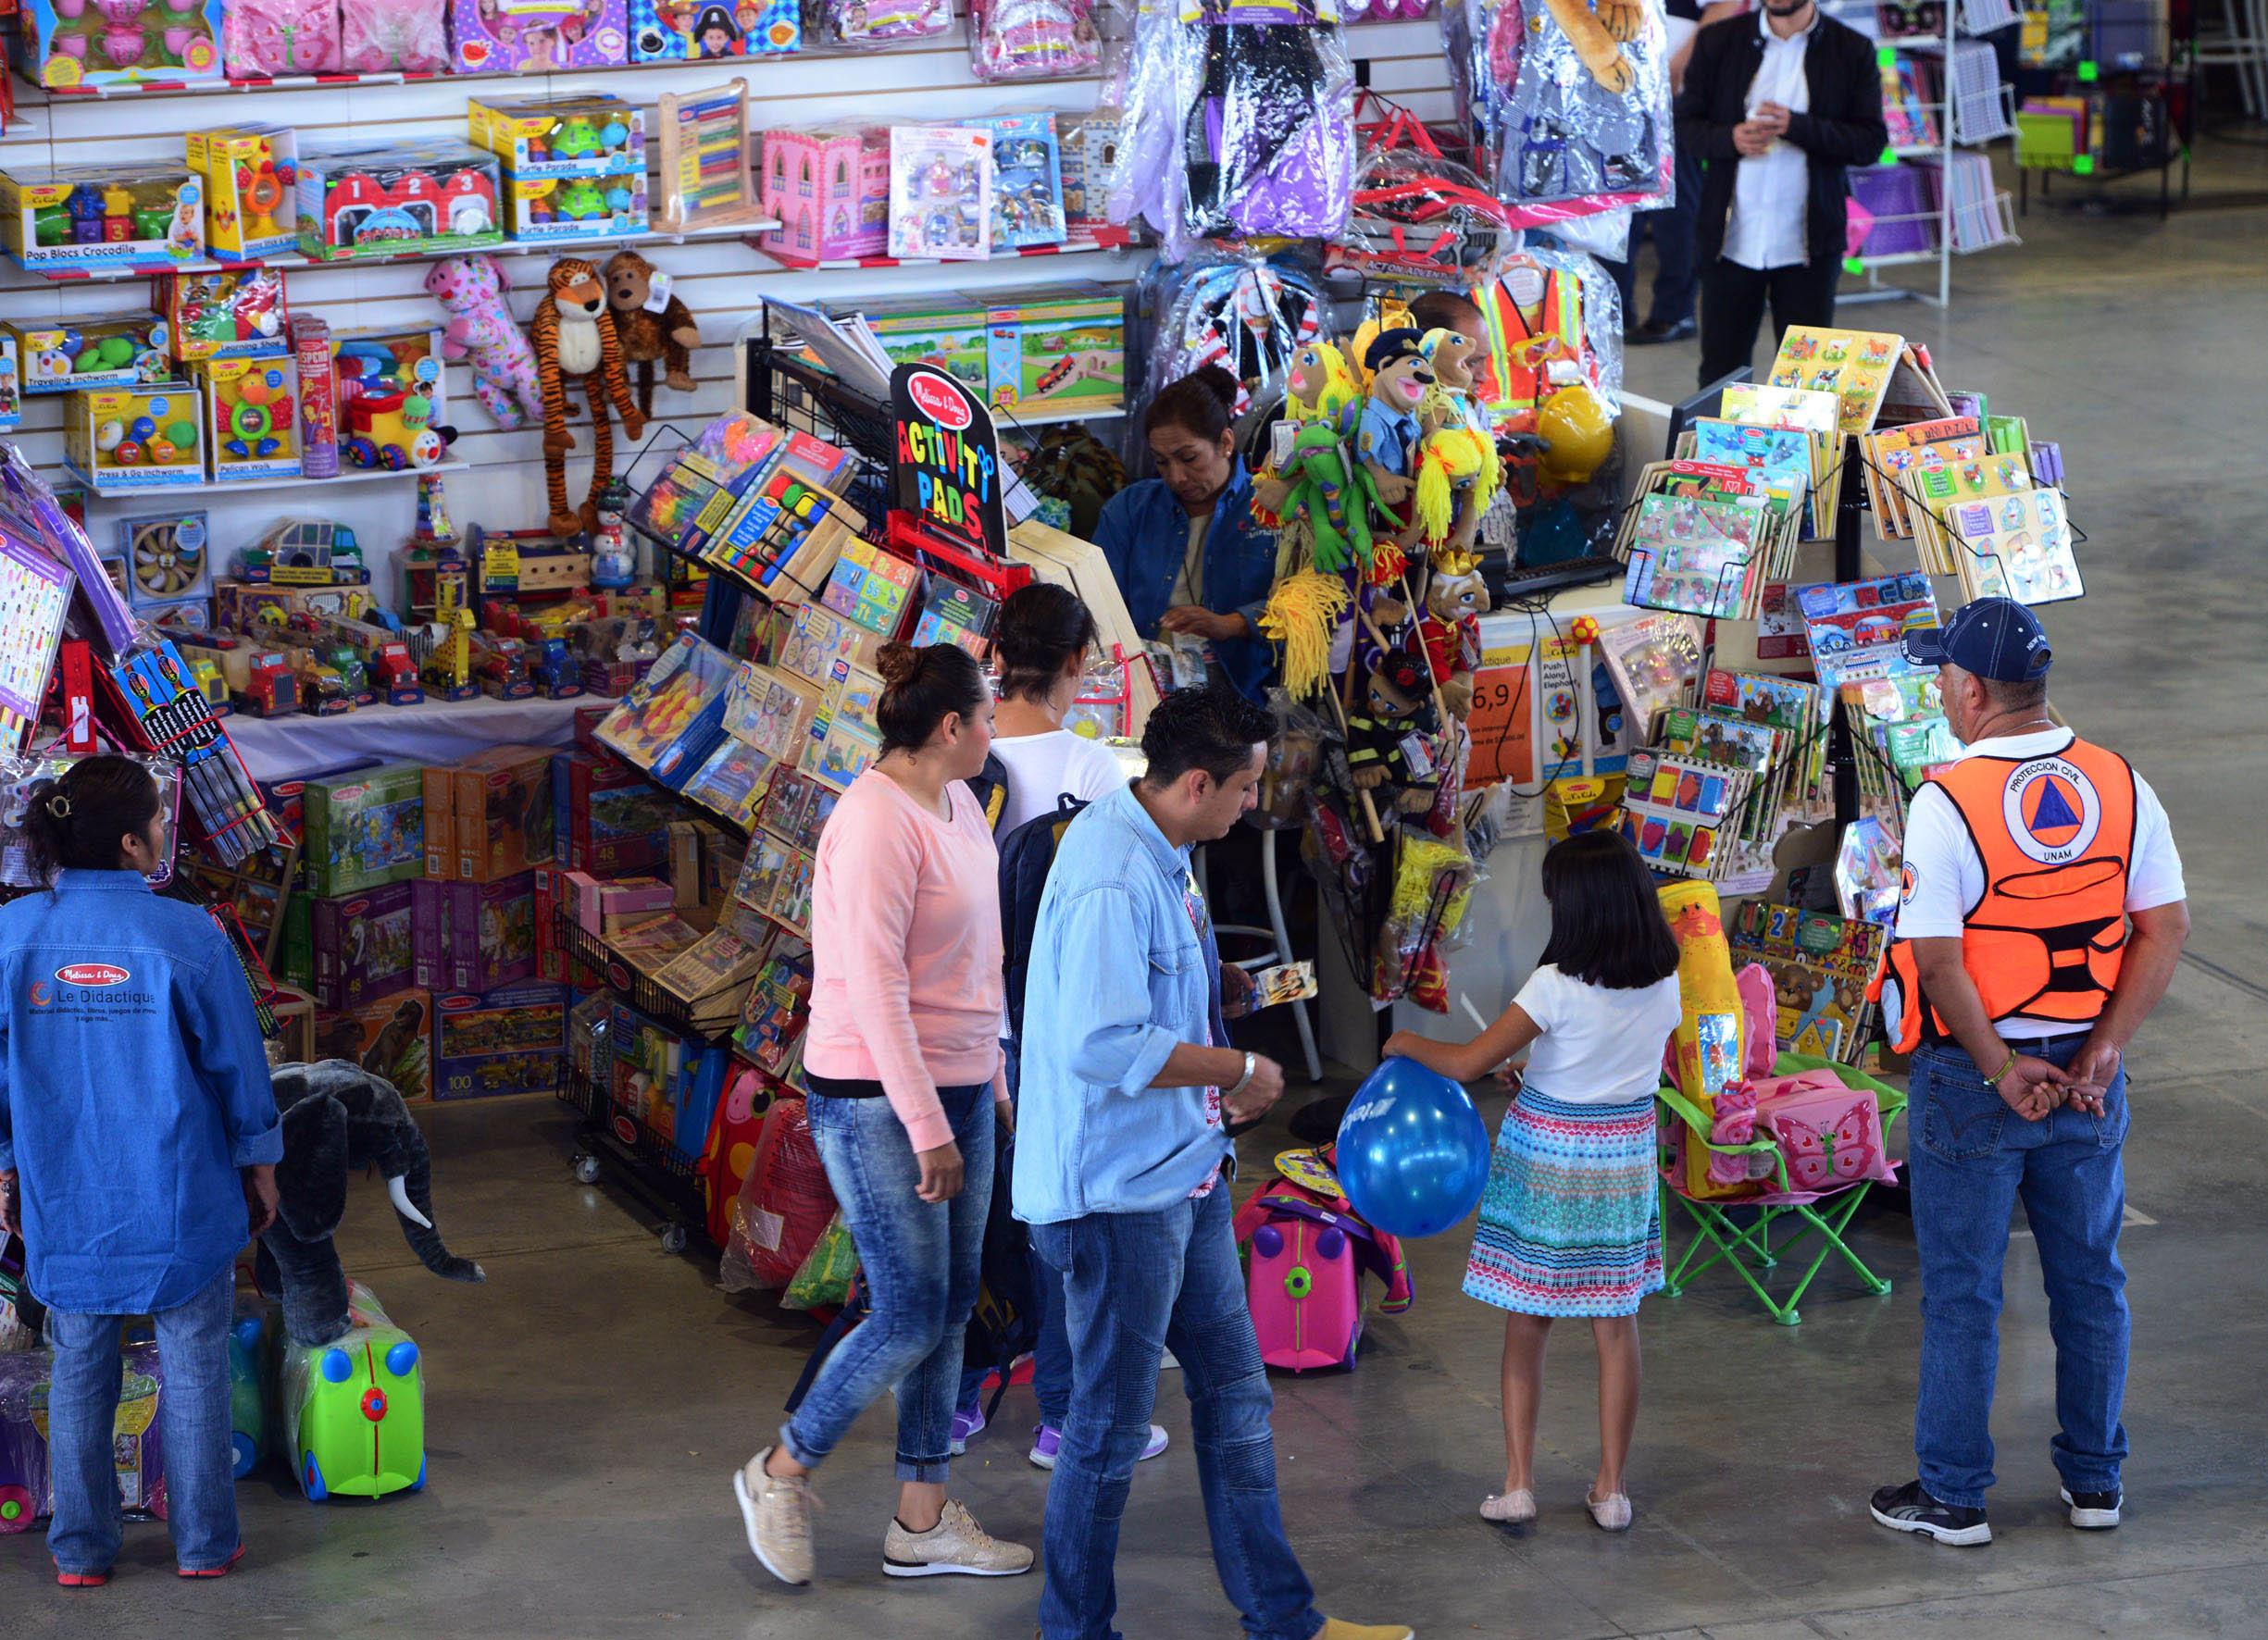 ABIERTA A TODO PÚBLICO, SE INAUGURA EN LA UNAM LA FERIA DE ÚTILES ESCOLARES Y CÓMPUTO 2017